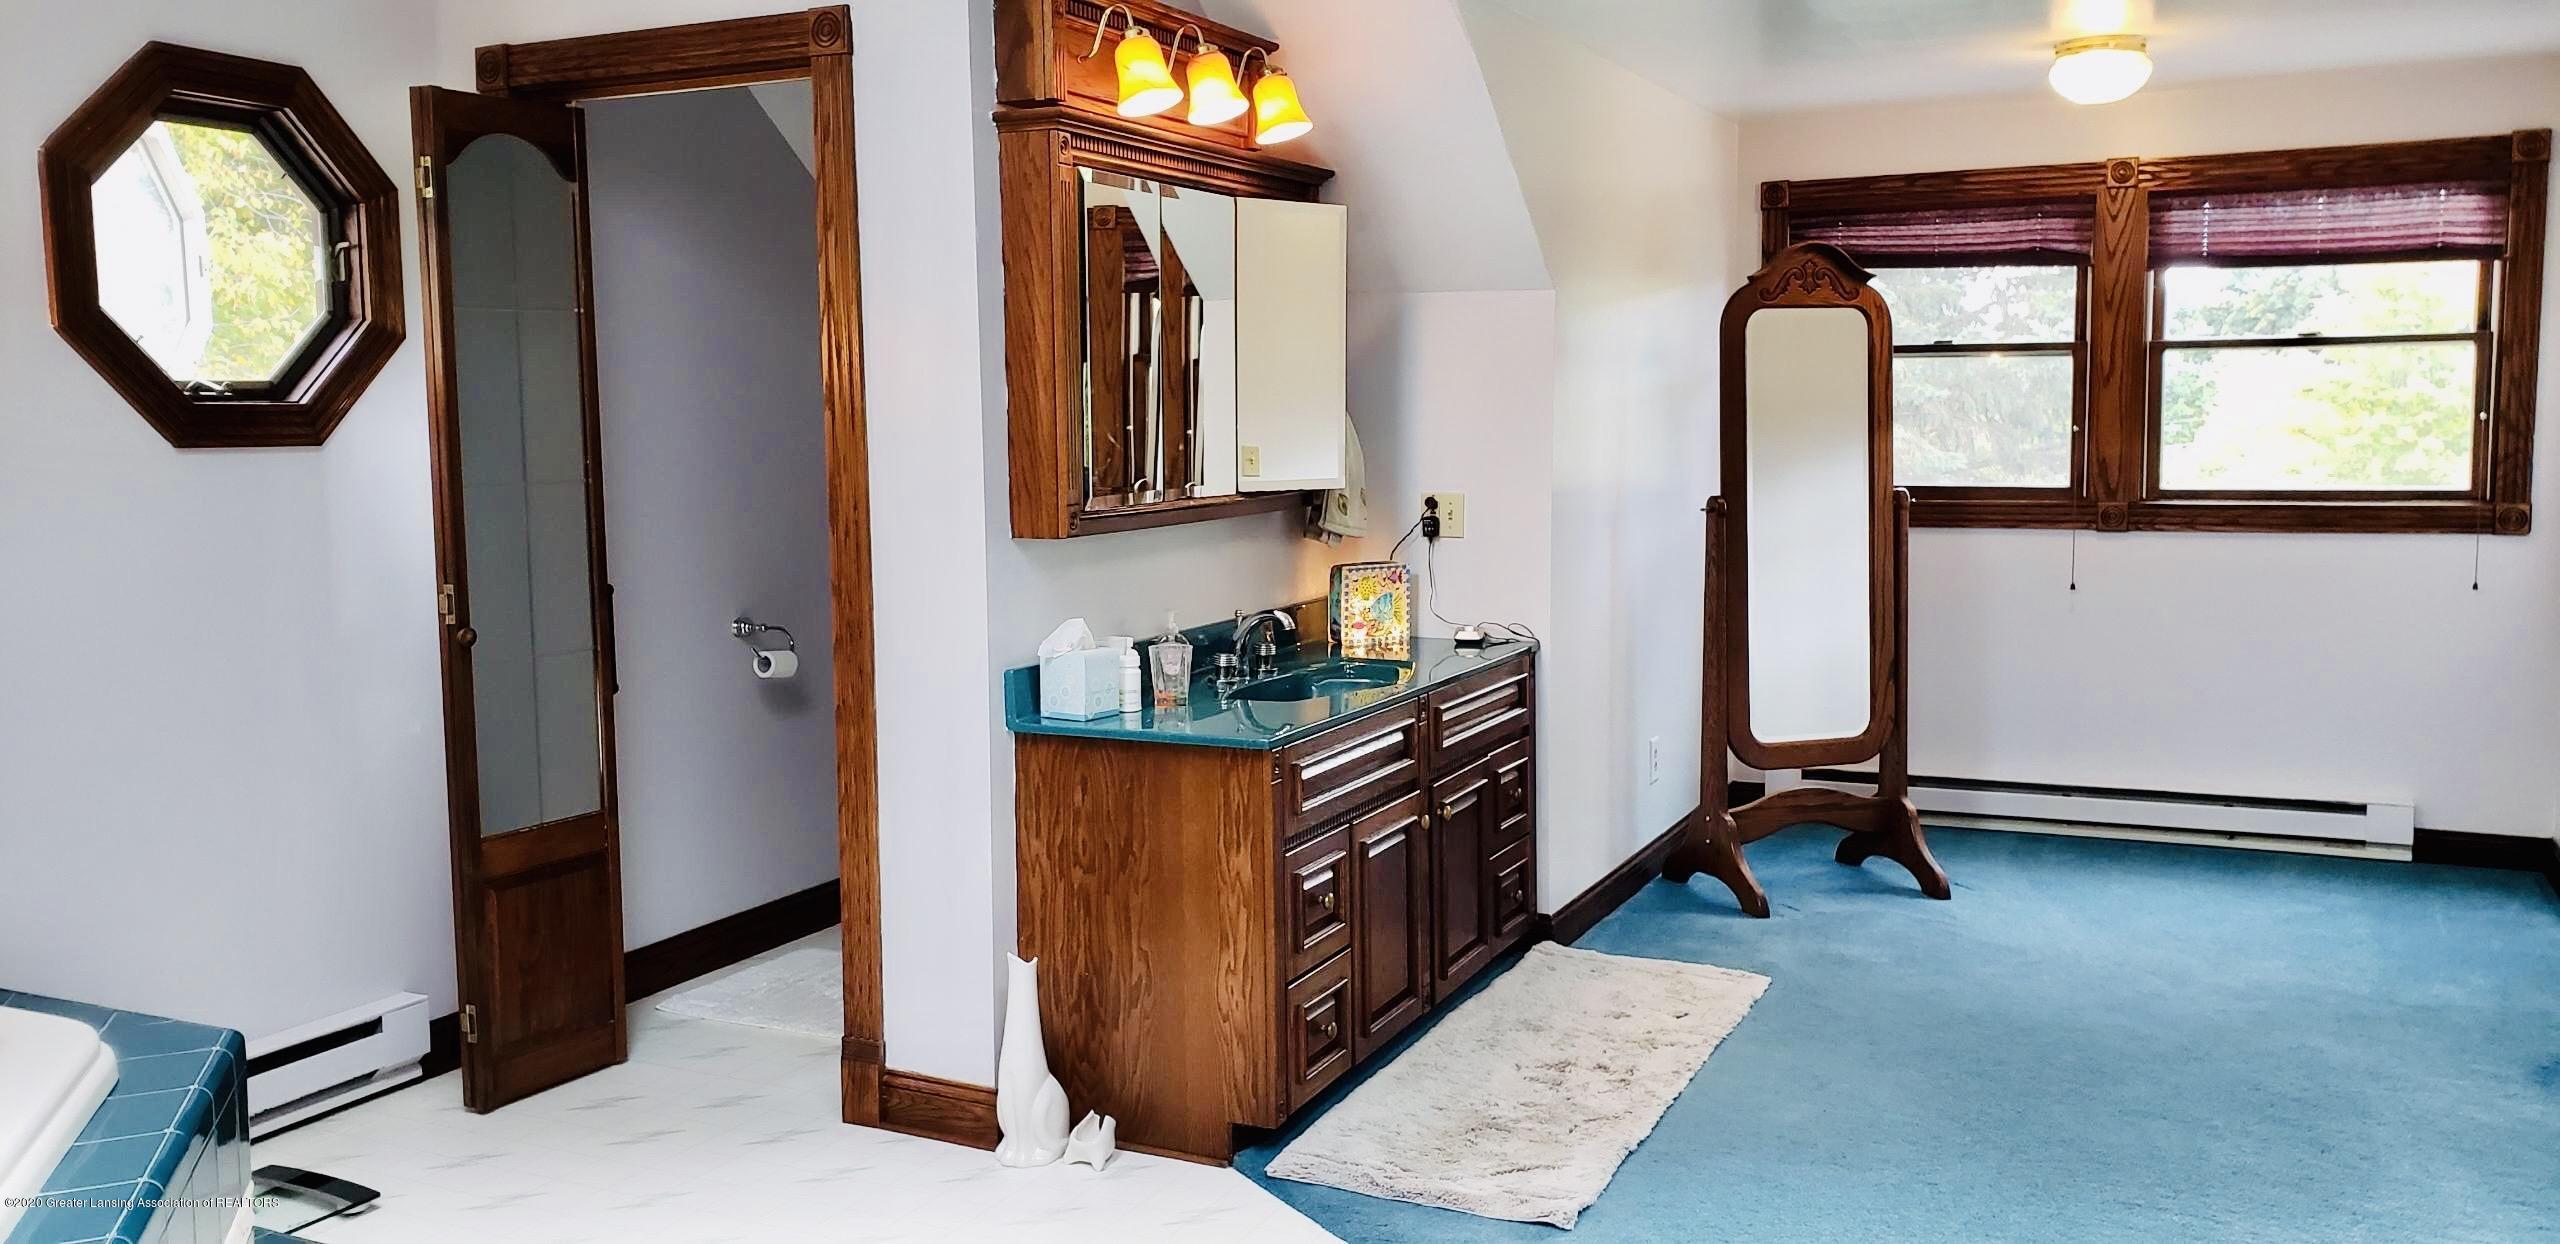 7346 W Cutler Rd - MASTER BATHROOM - 49